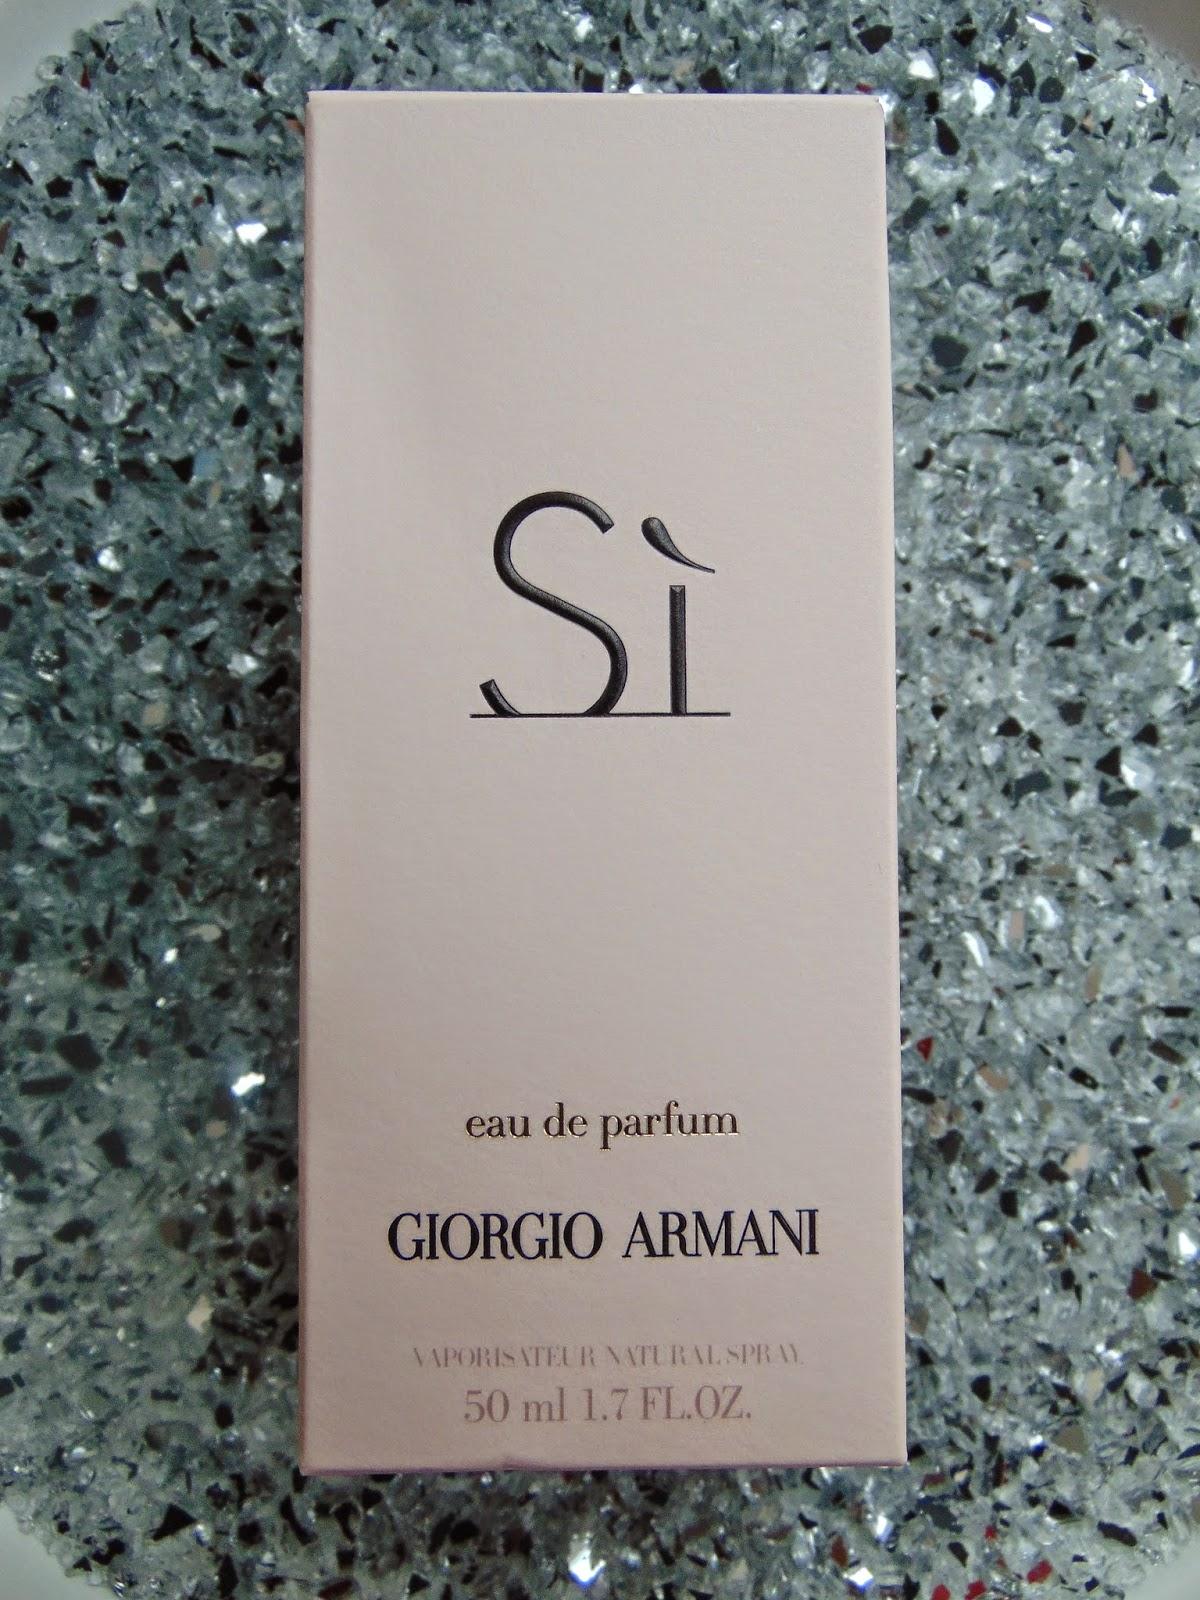 Parfum - Si Giorgio Armani - www.annitschkasblog.de